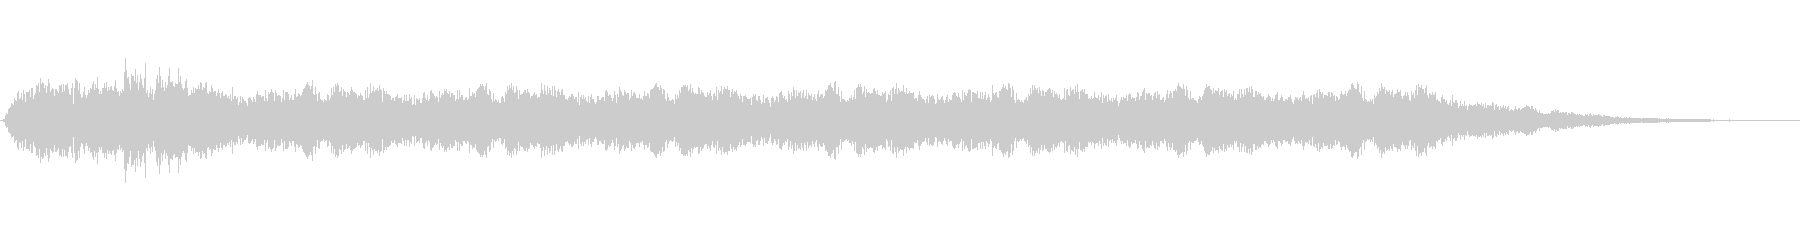 「グェェェ」不気味な効果音の未再生の波形